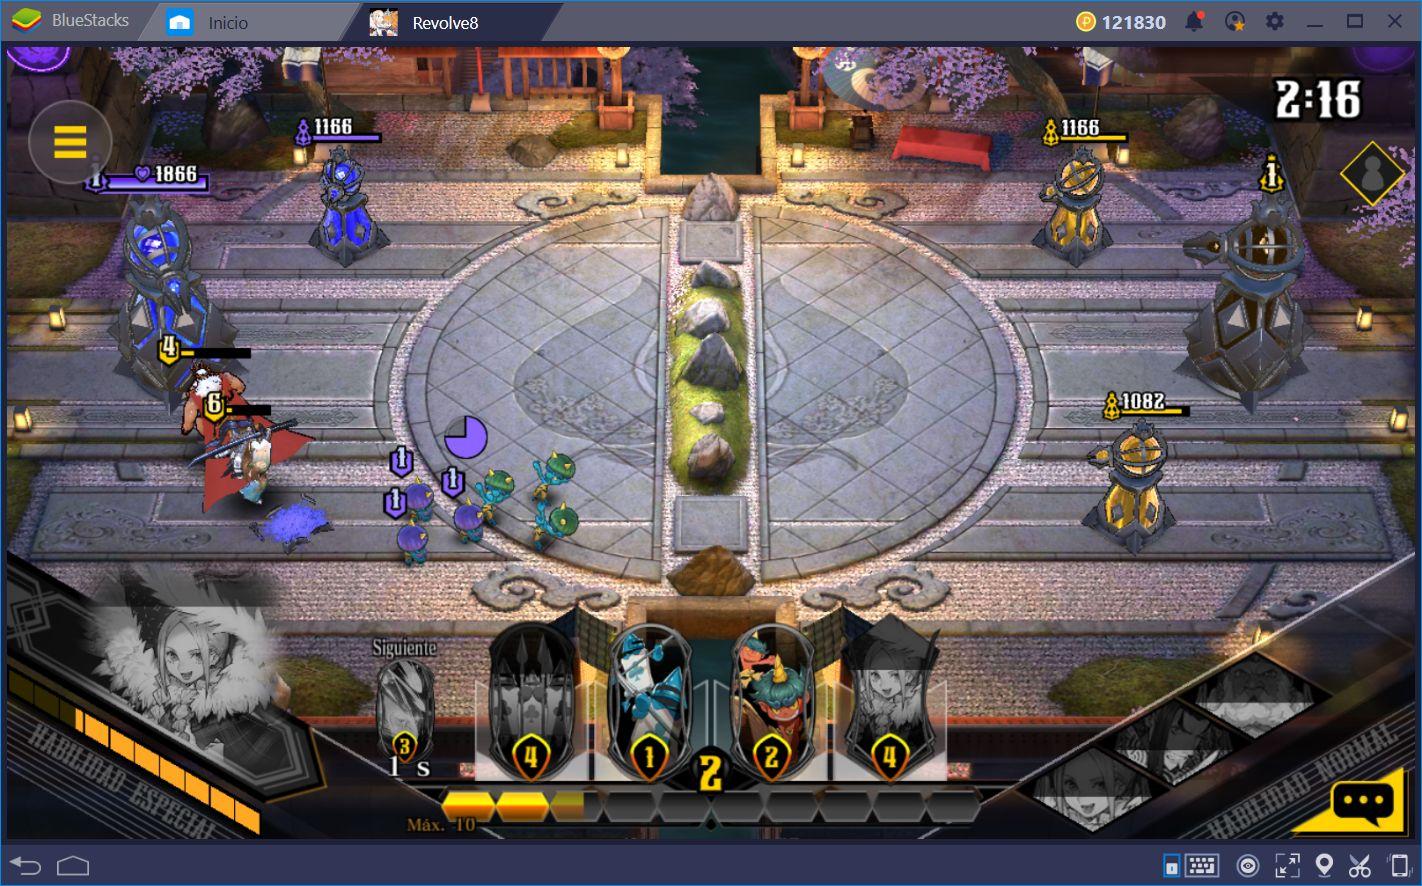 Descubre el Mundo de Fantasía de Revolve8 con BlueStacks